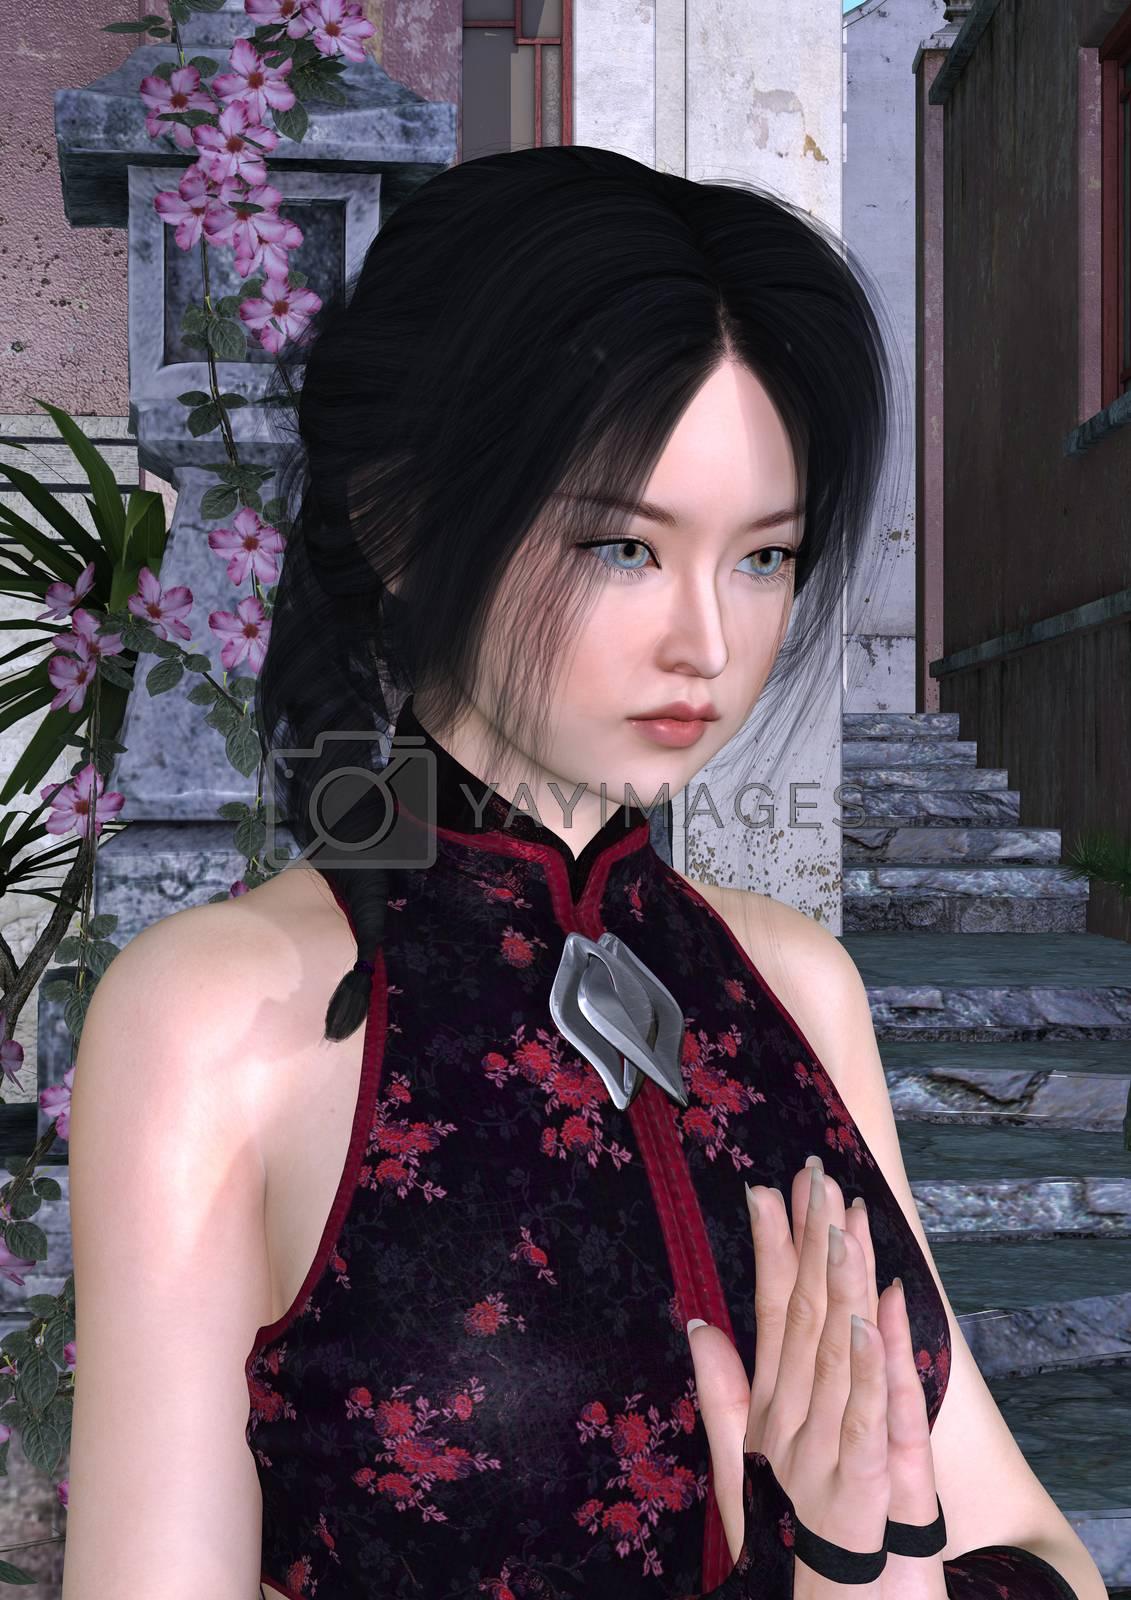 3D digital render of an Asian beauty on an alod street background